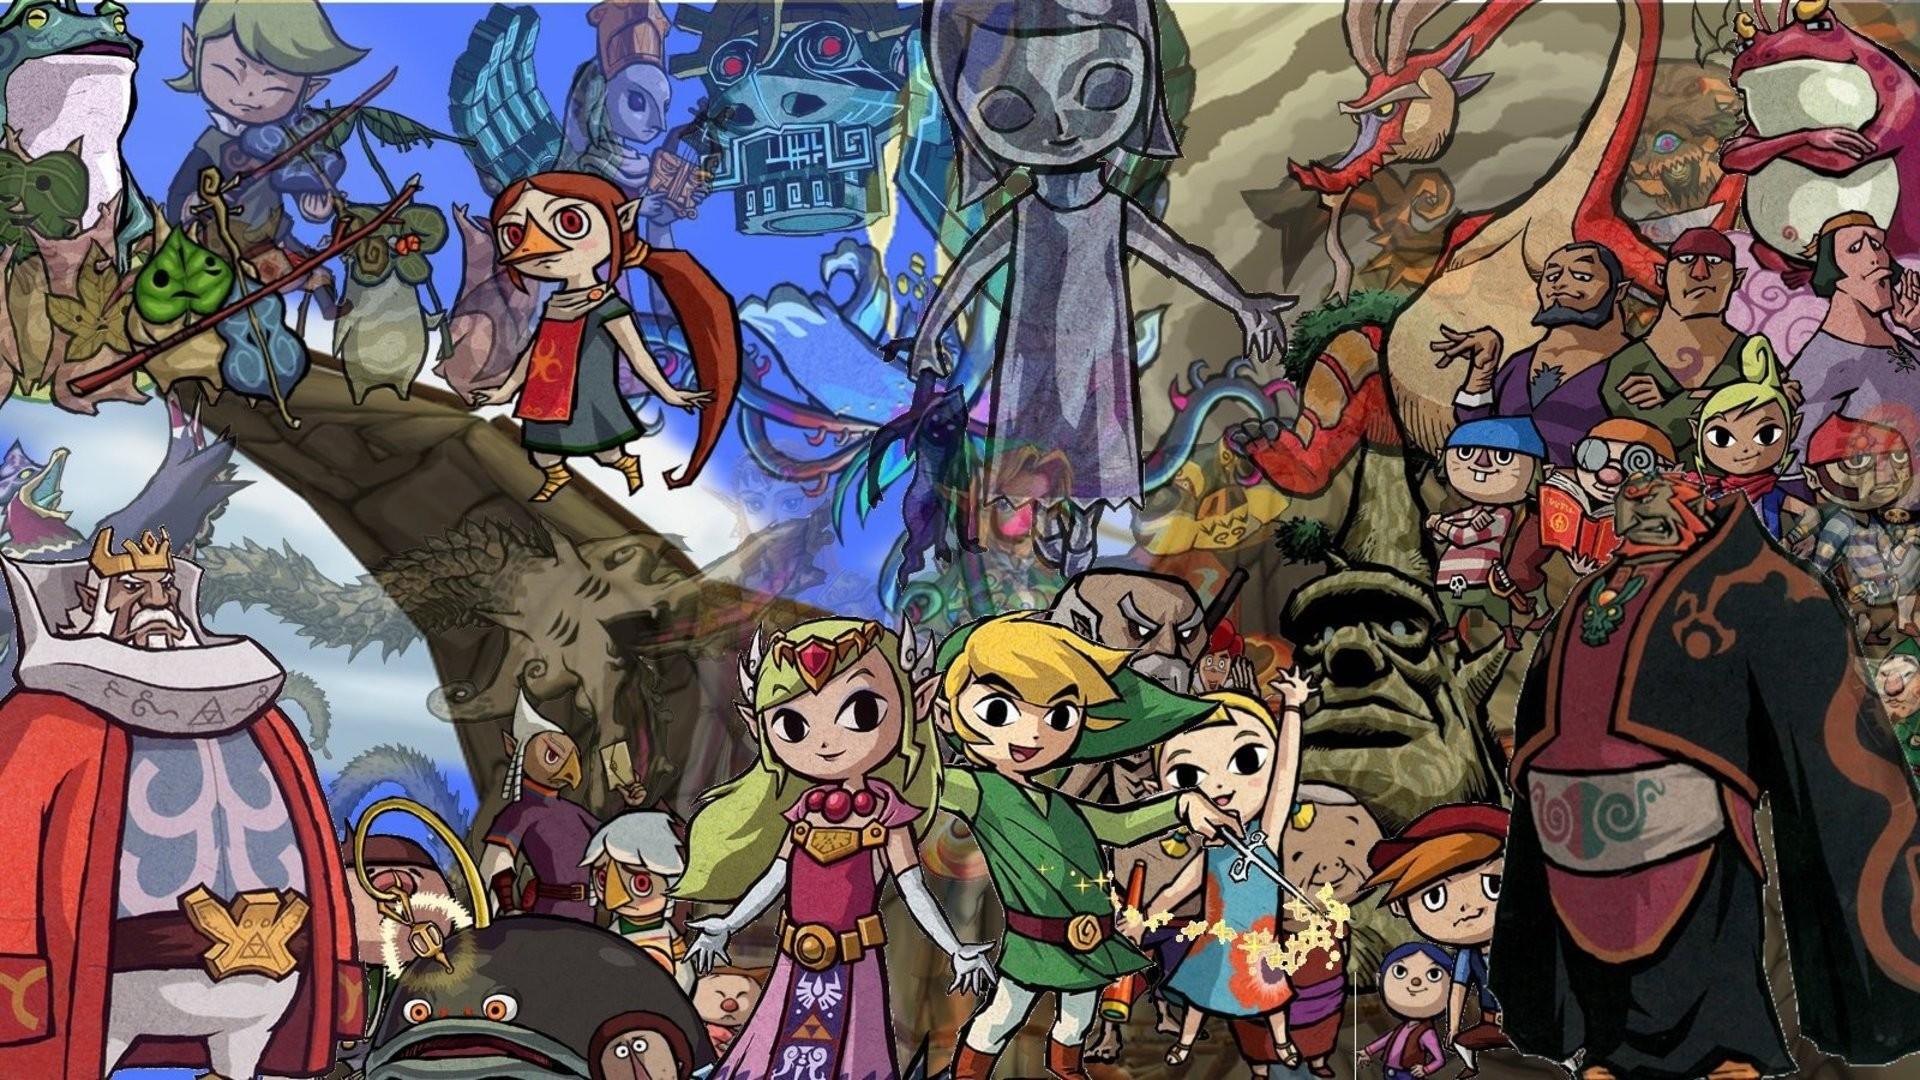 LEGEND ZELDA WINDWAKER action adventure family nintendo wallpaper      408928   WallpaperUP